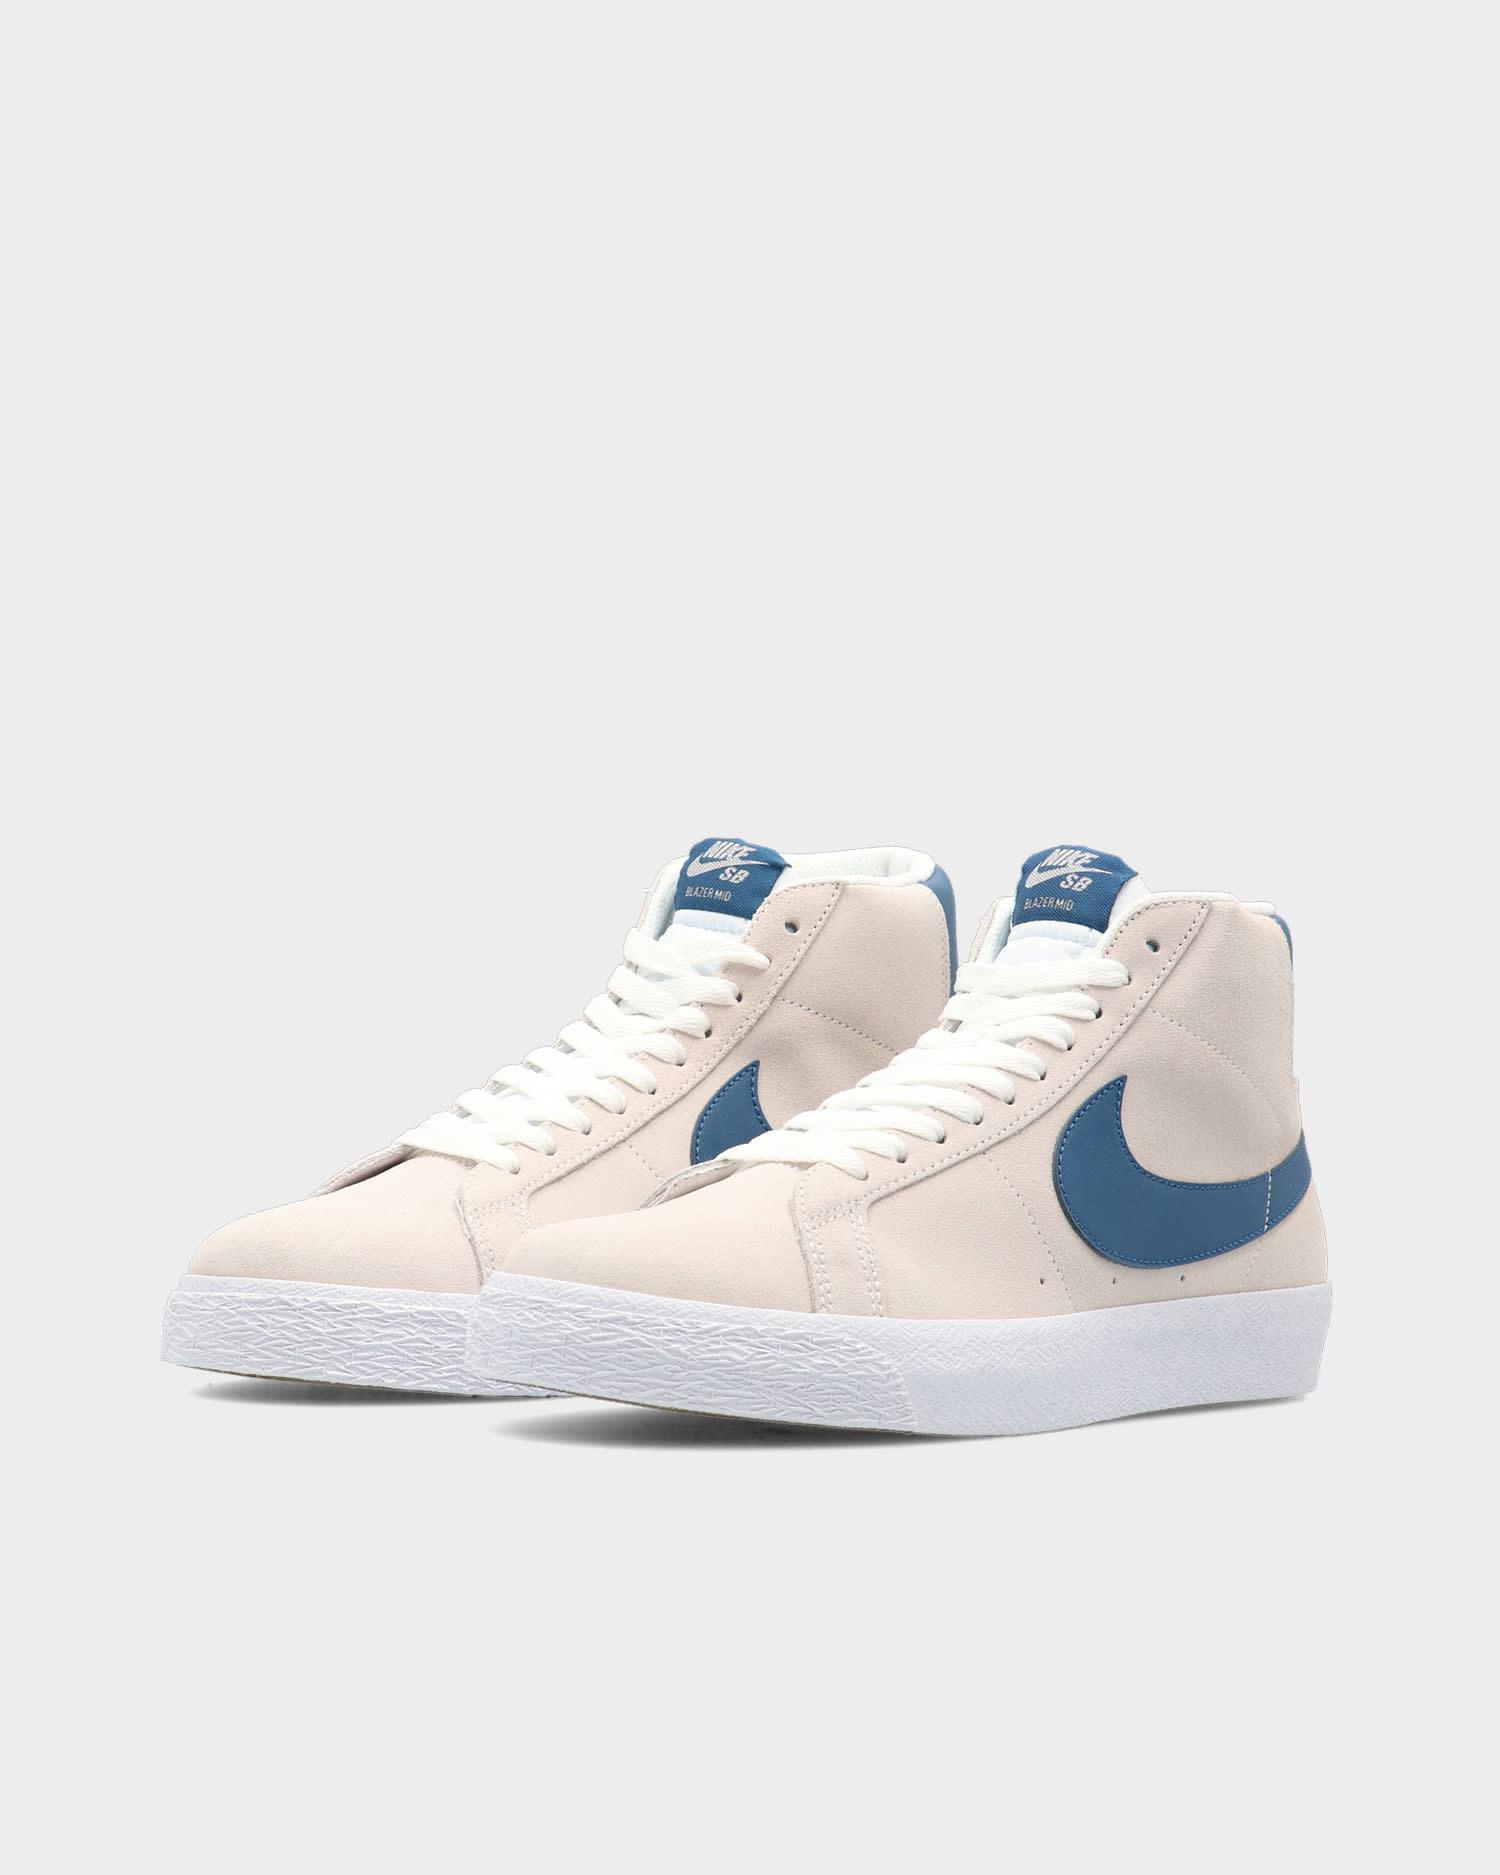 Nike SB Zoom Blazer Mid White/Crtblu